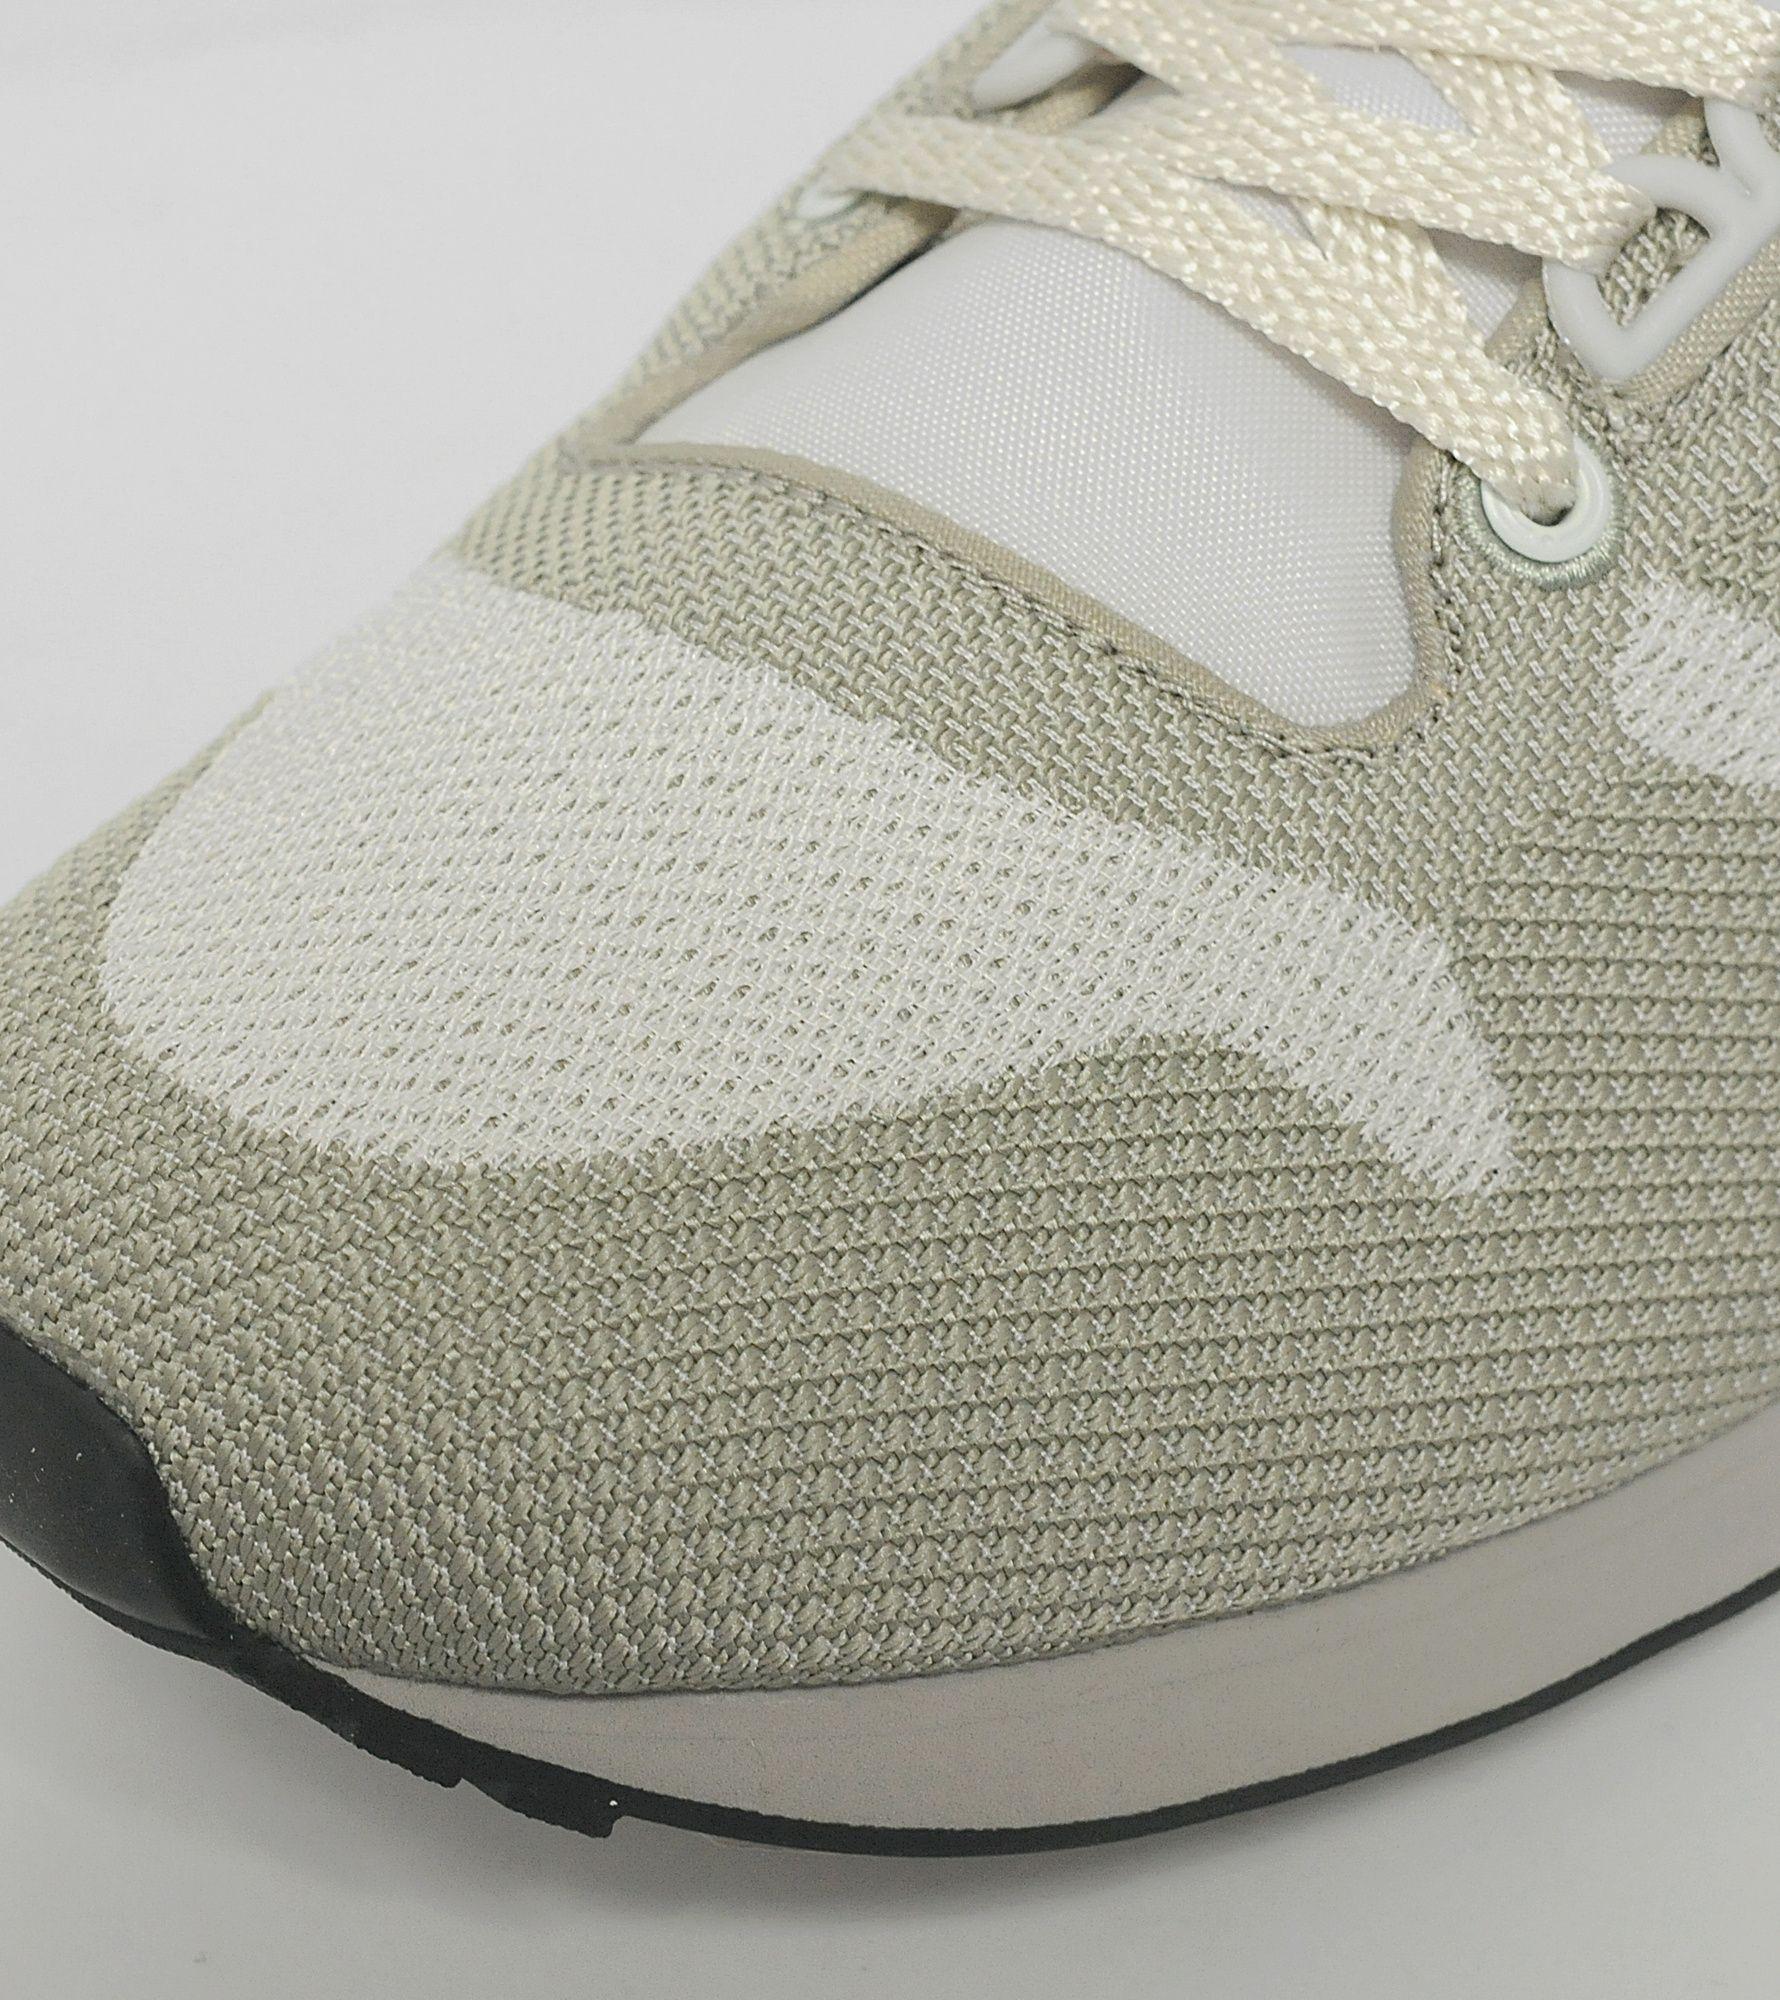 64c7e344f119 ... ireland adidas originals zx 500 og weave 863ae 4cbc2